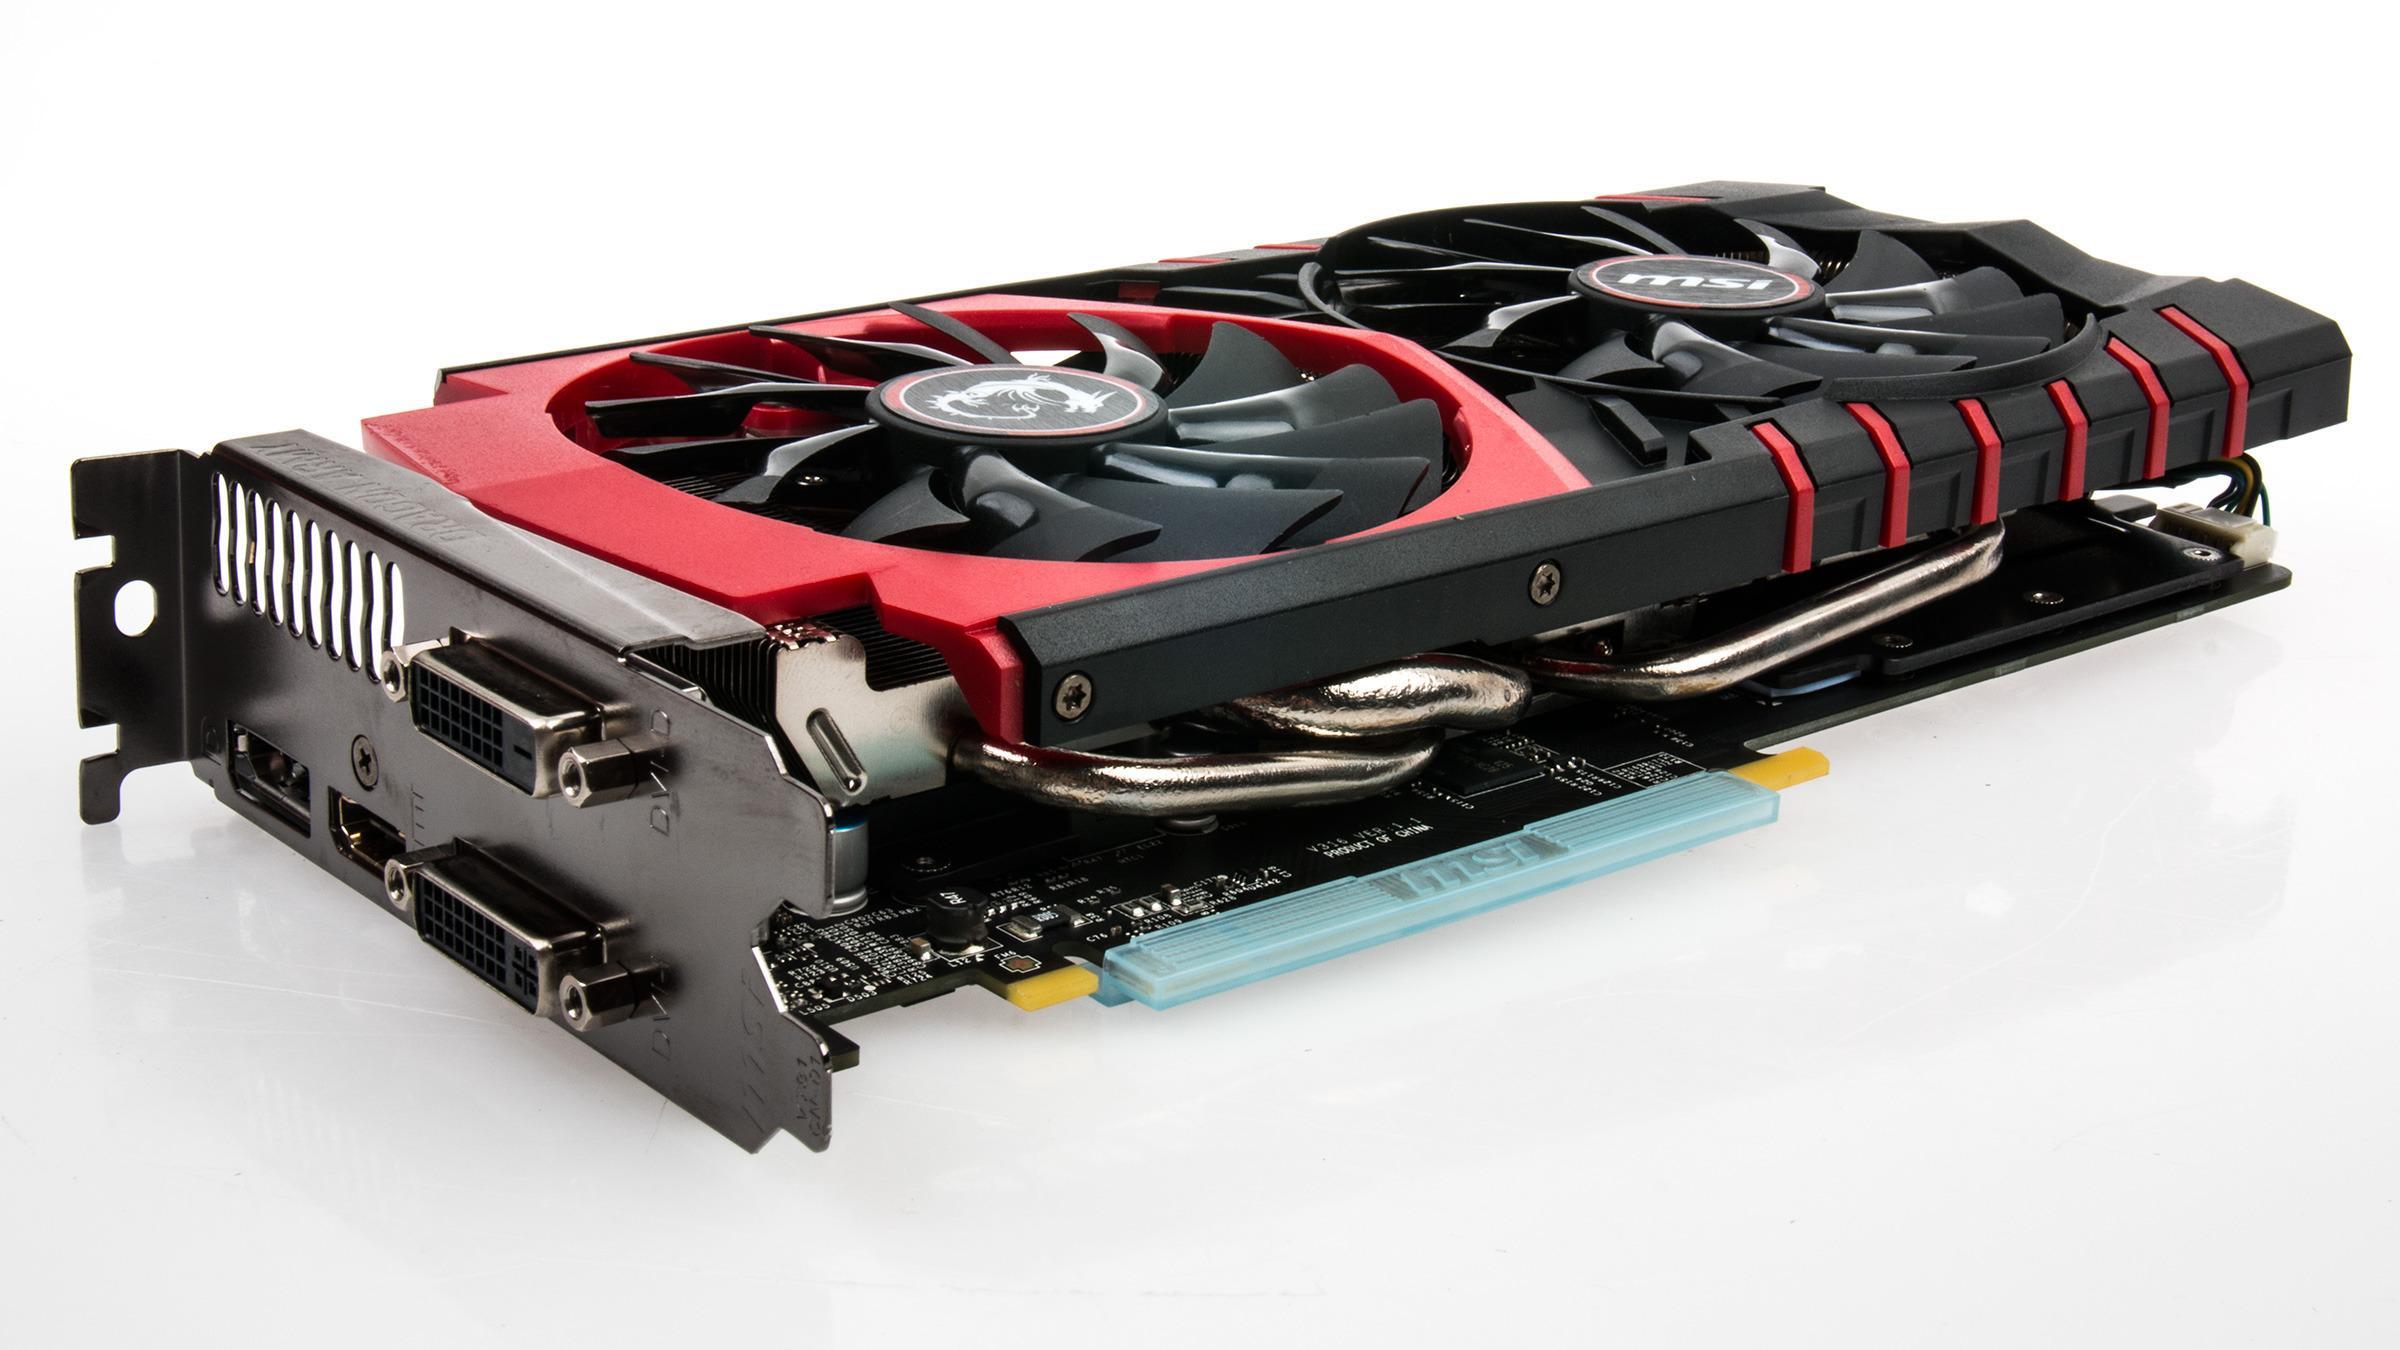 MSI GeForce GTX 970 Gaming 4G Twin Frozr V er langt ifra det største skjermkortet vi har sett.Foto: Varg Aamo, Tek.no